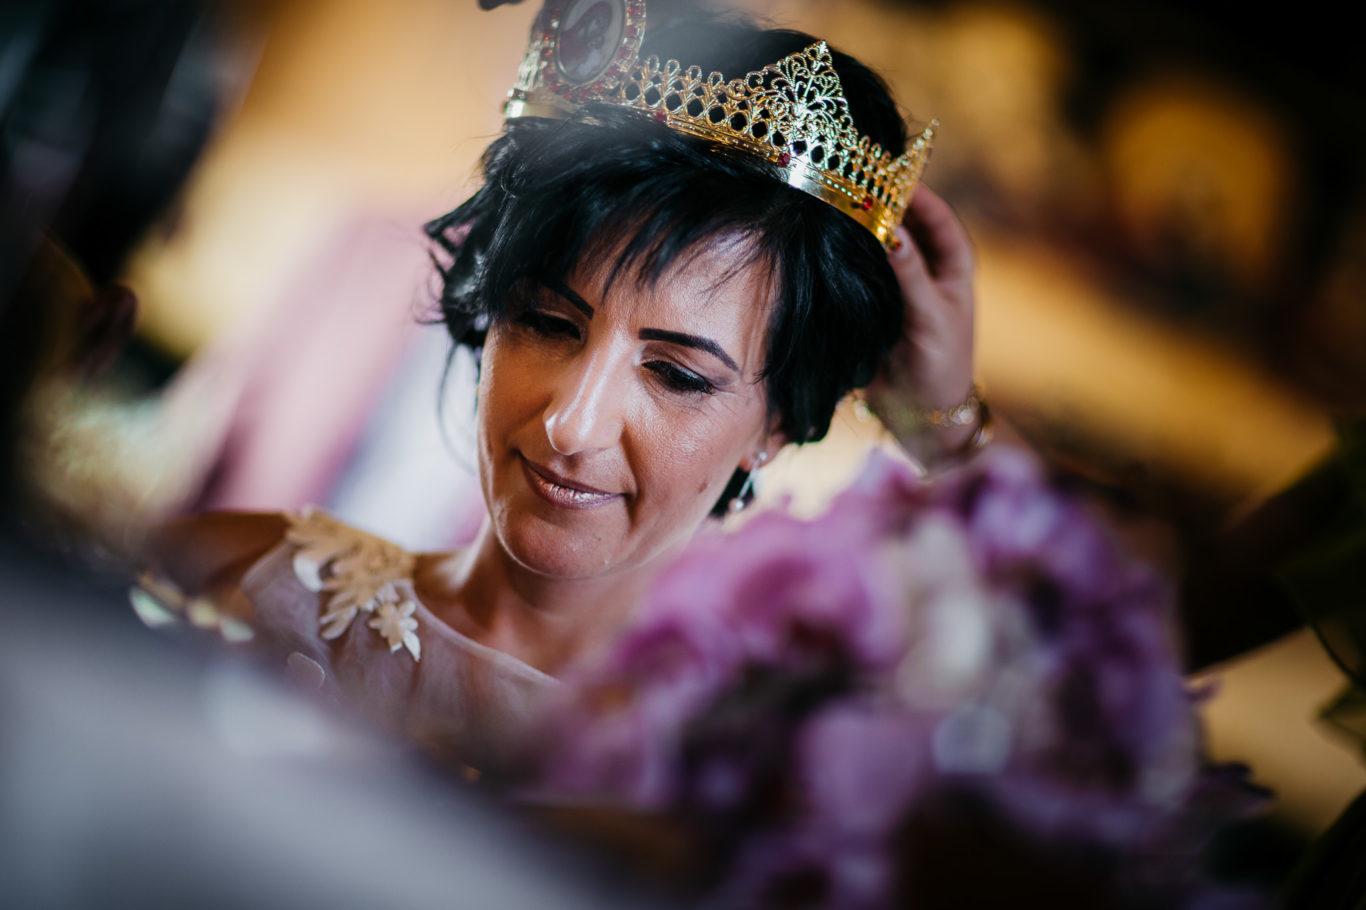 0193-fotografie-nunta-valea-de-pesti-vero-dani-fotograf-ciprian-dumitrescu-dc1_0726